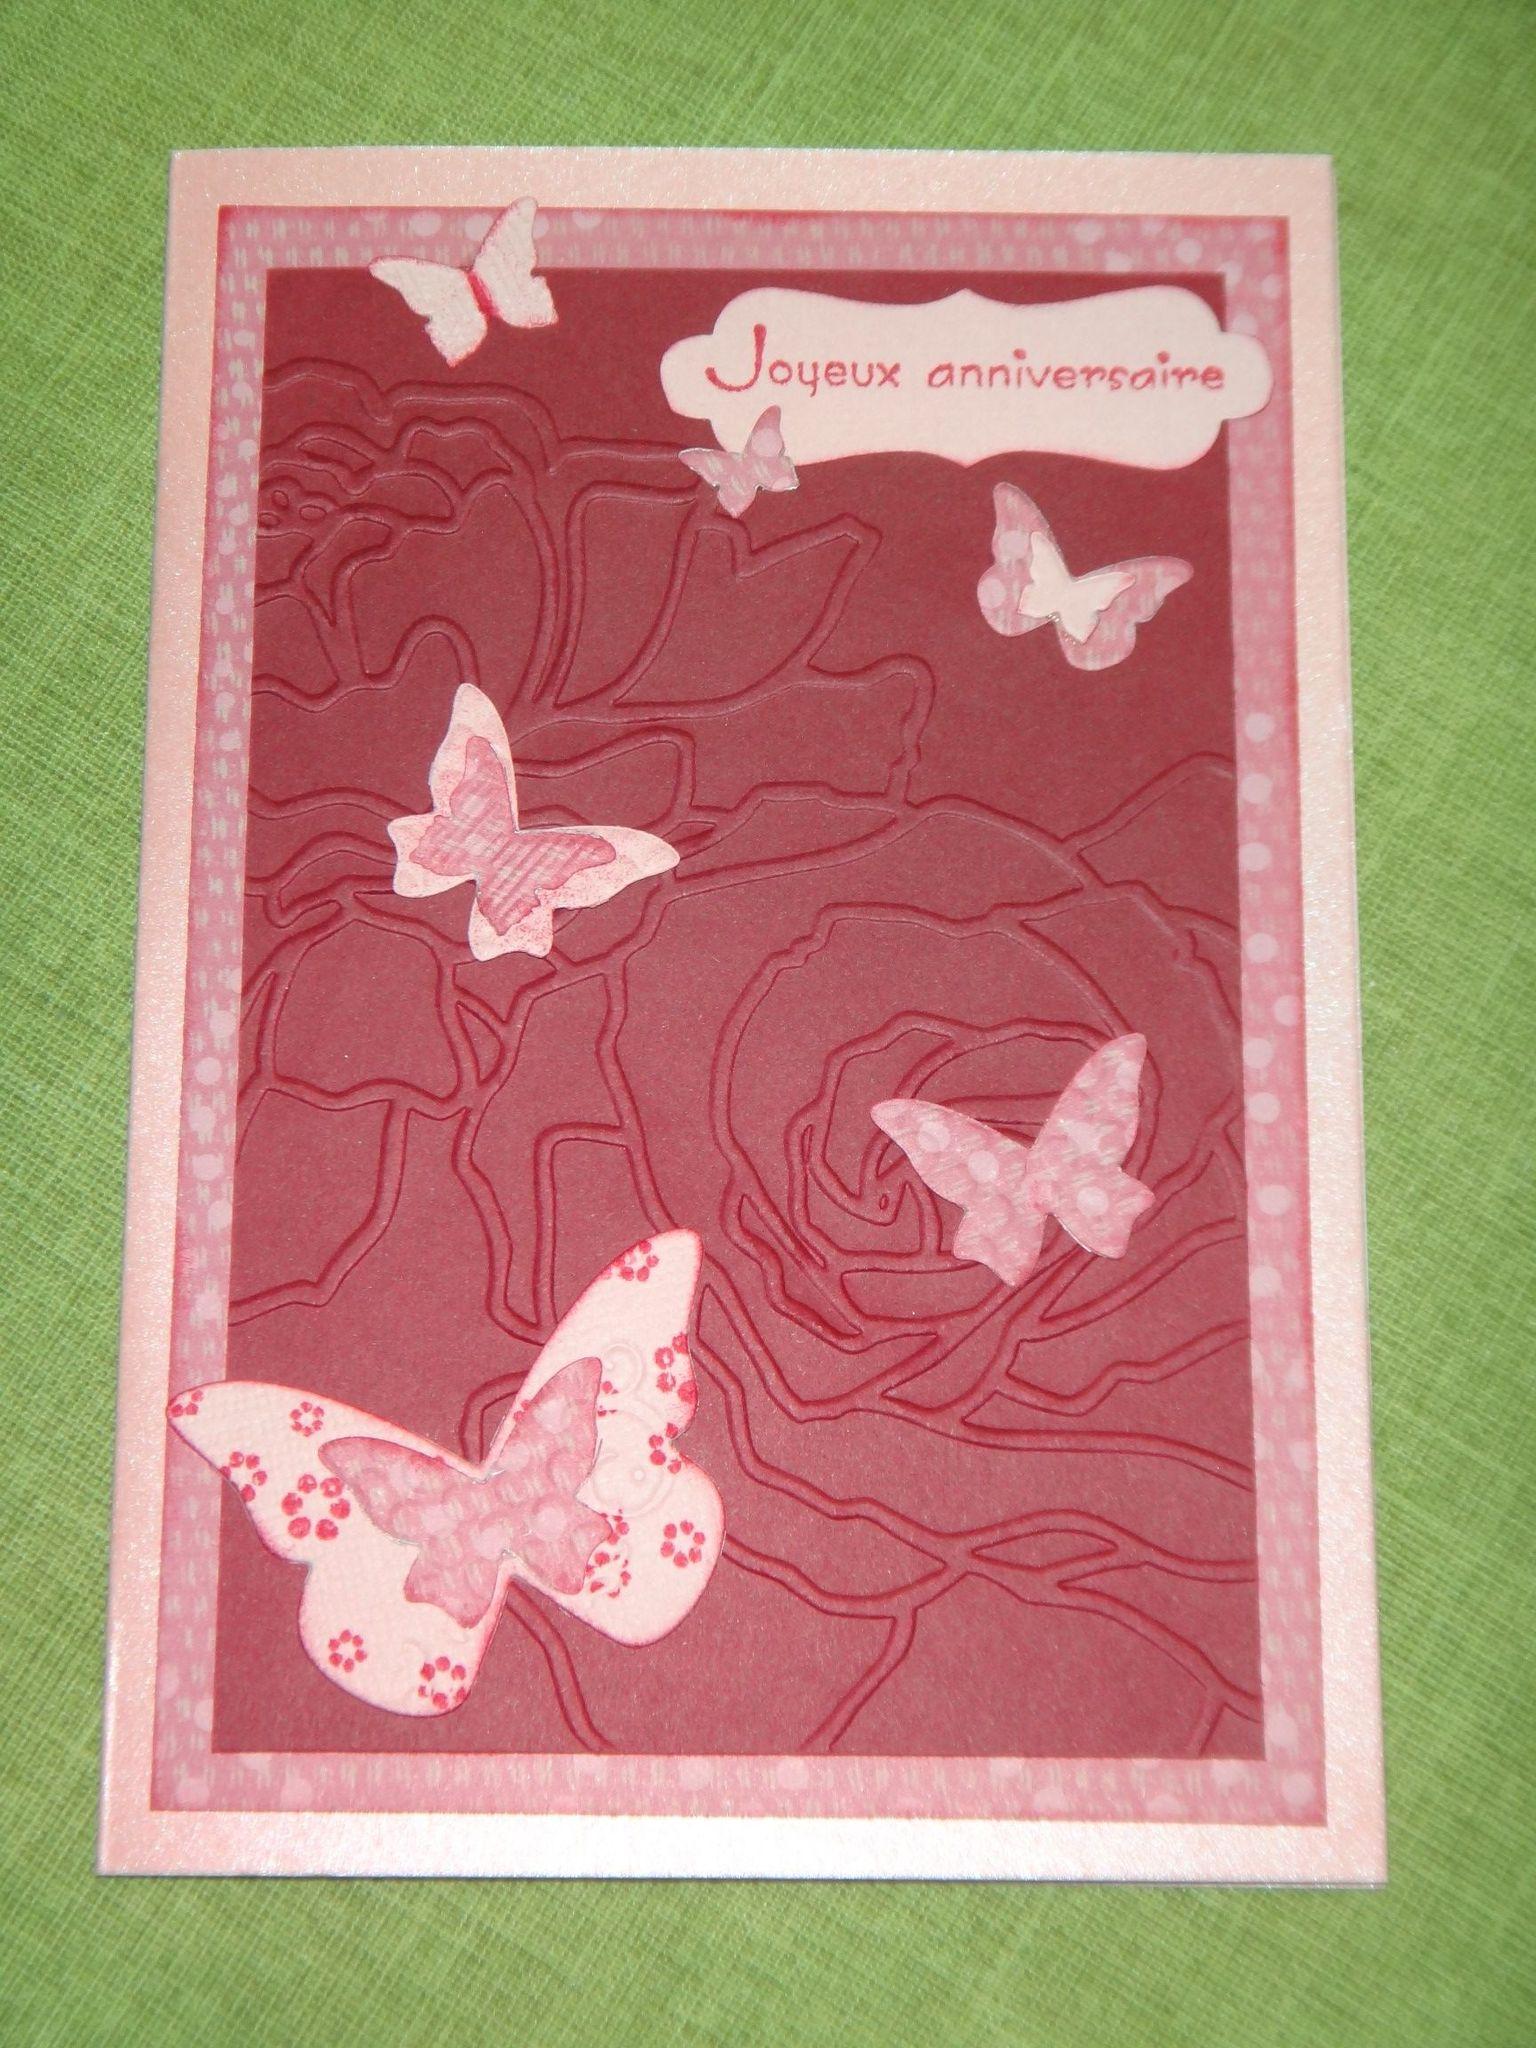 Carte d 39 anniversaire 39 39 envol e de papillons 39 39 fait main par moi - Carte anniversaire fait main ...